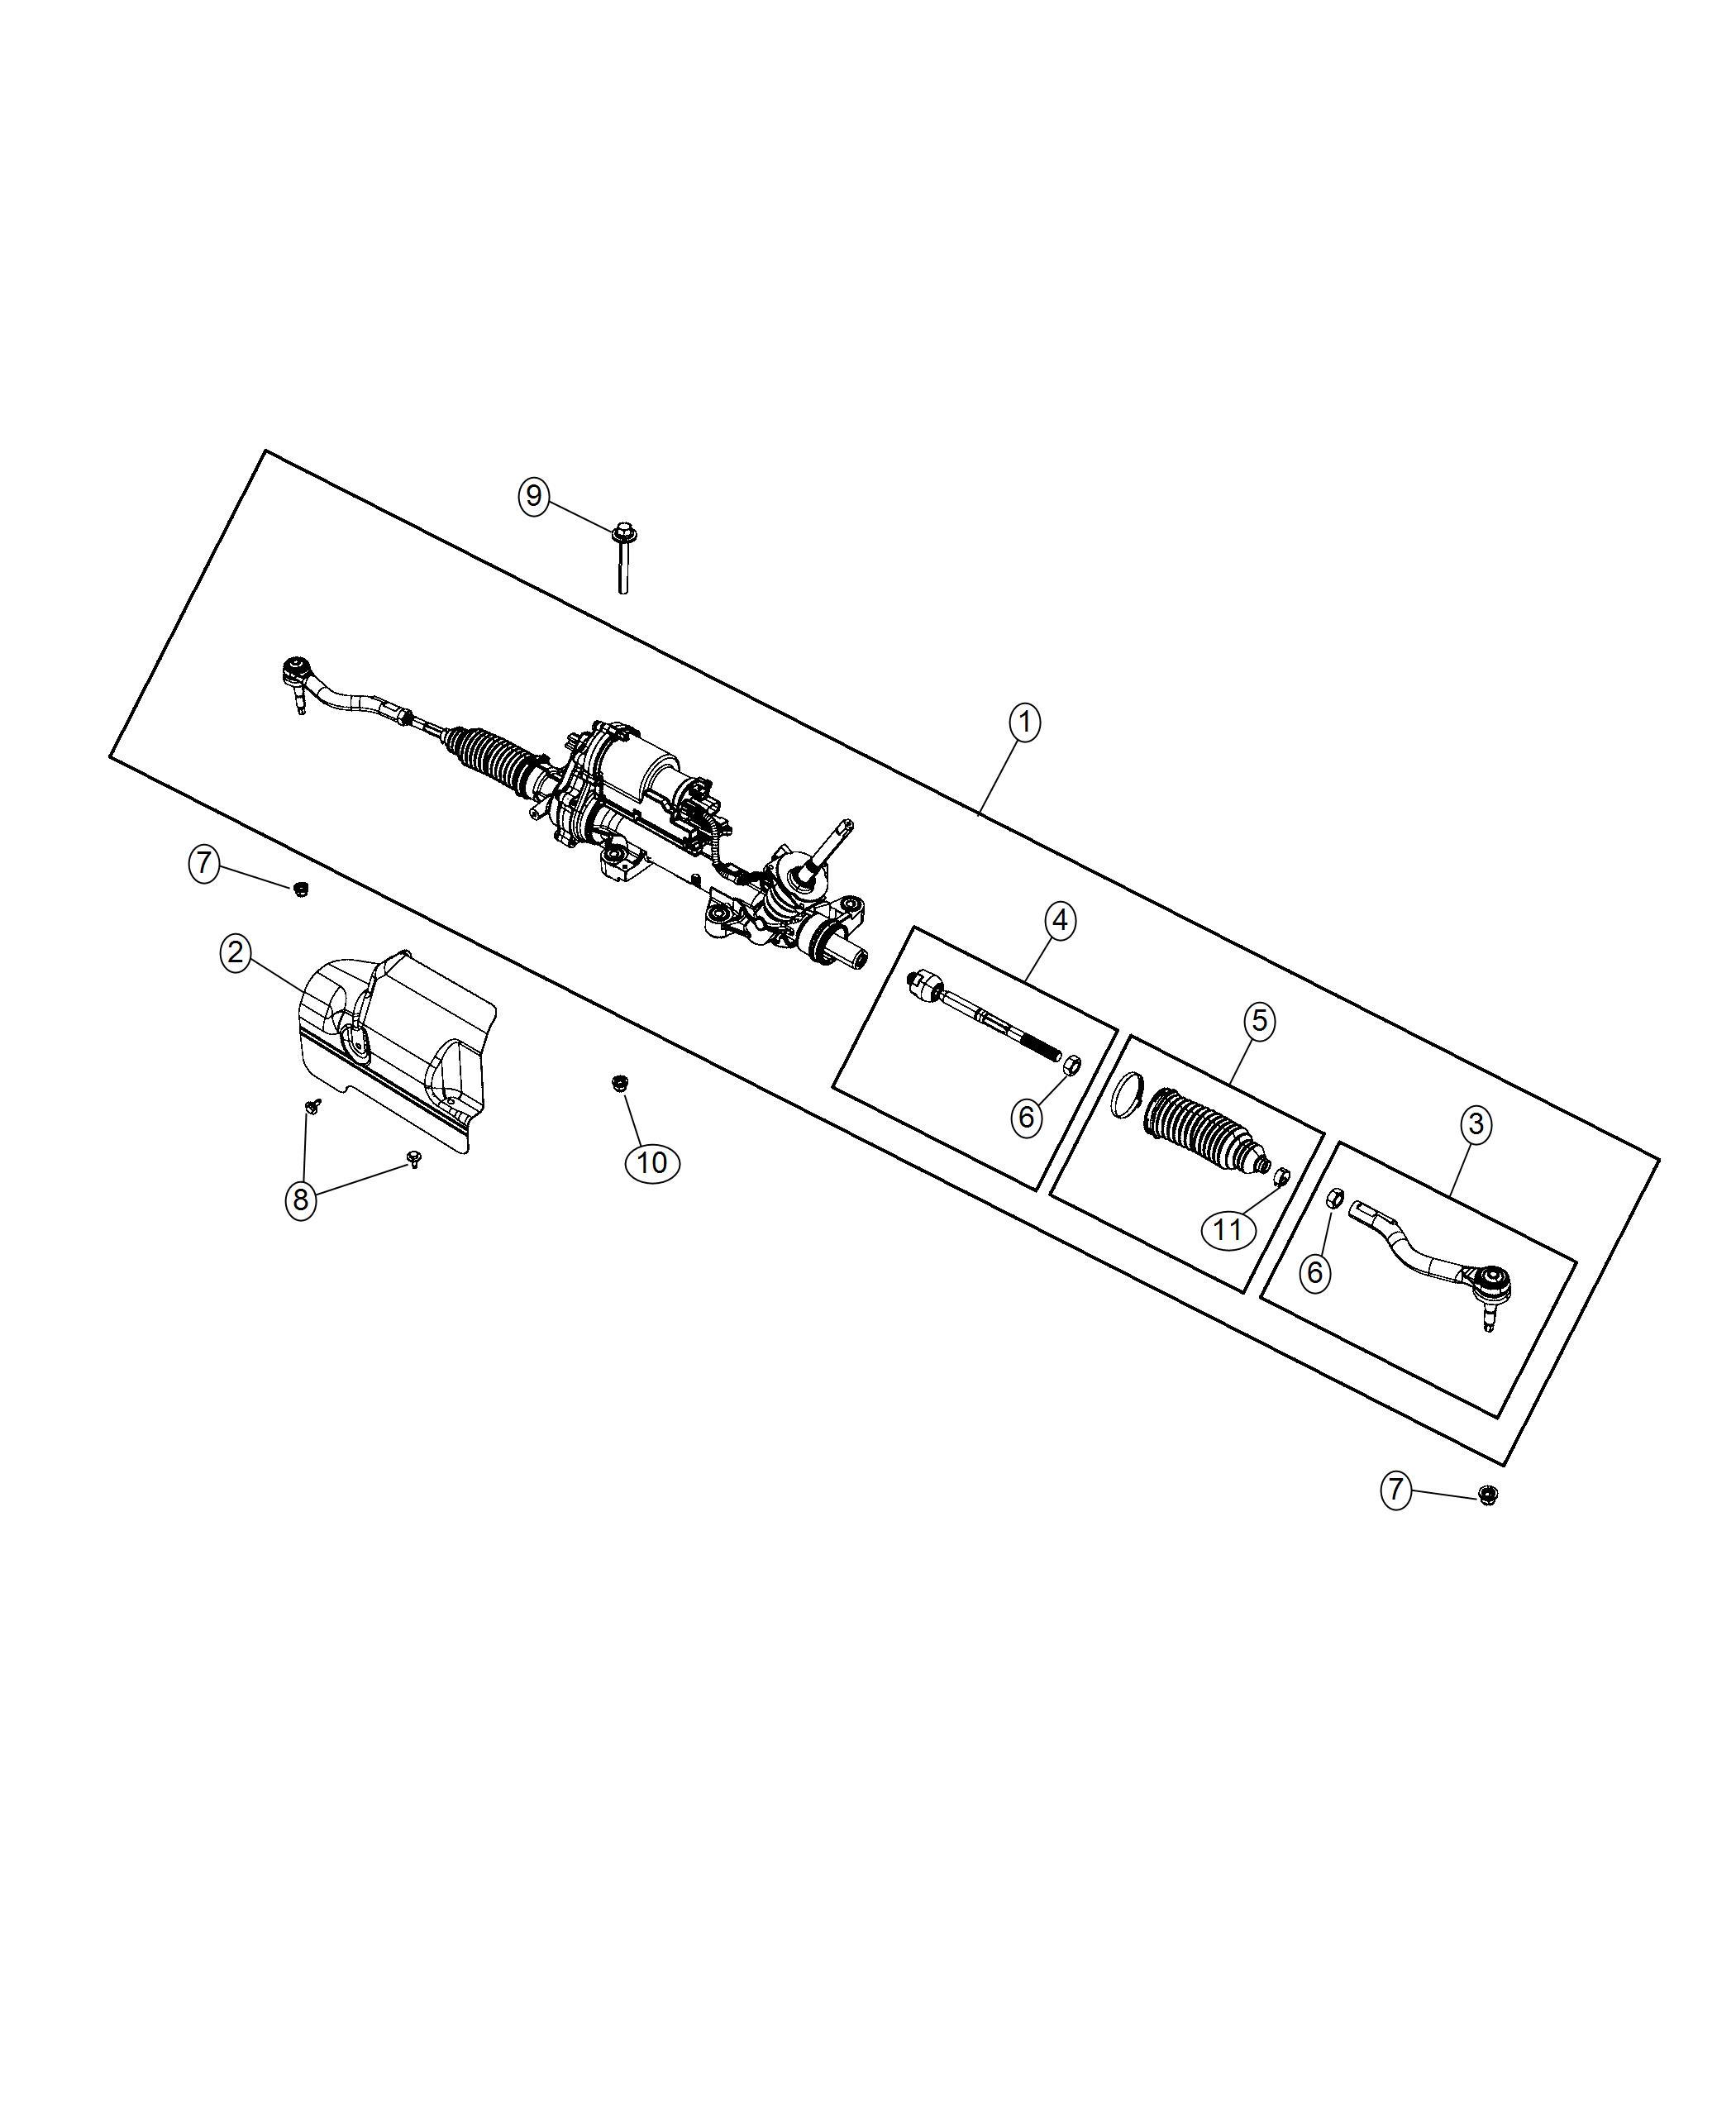 chrysler pacifica shield  heat   steering gear module